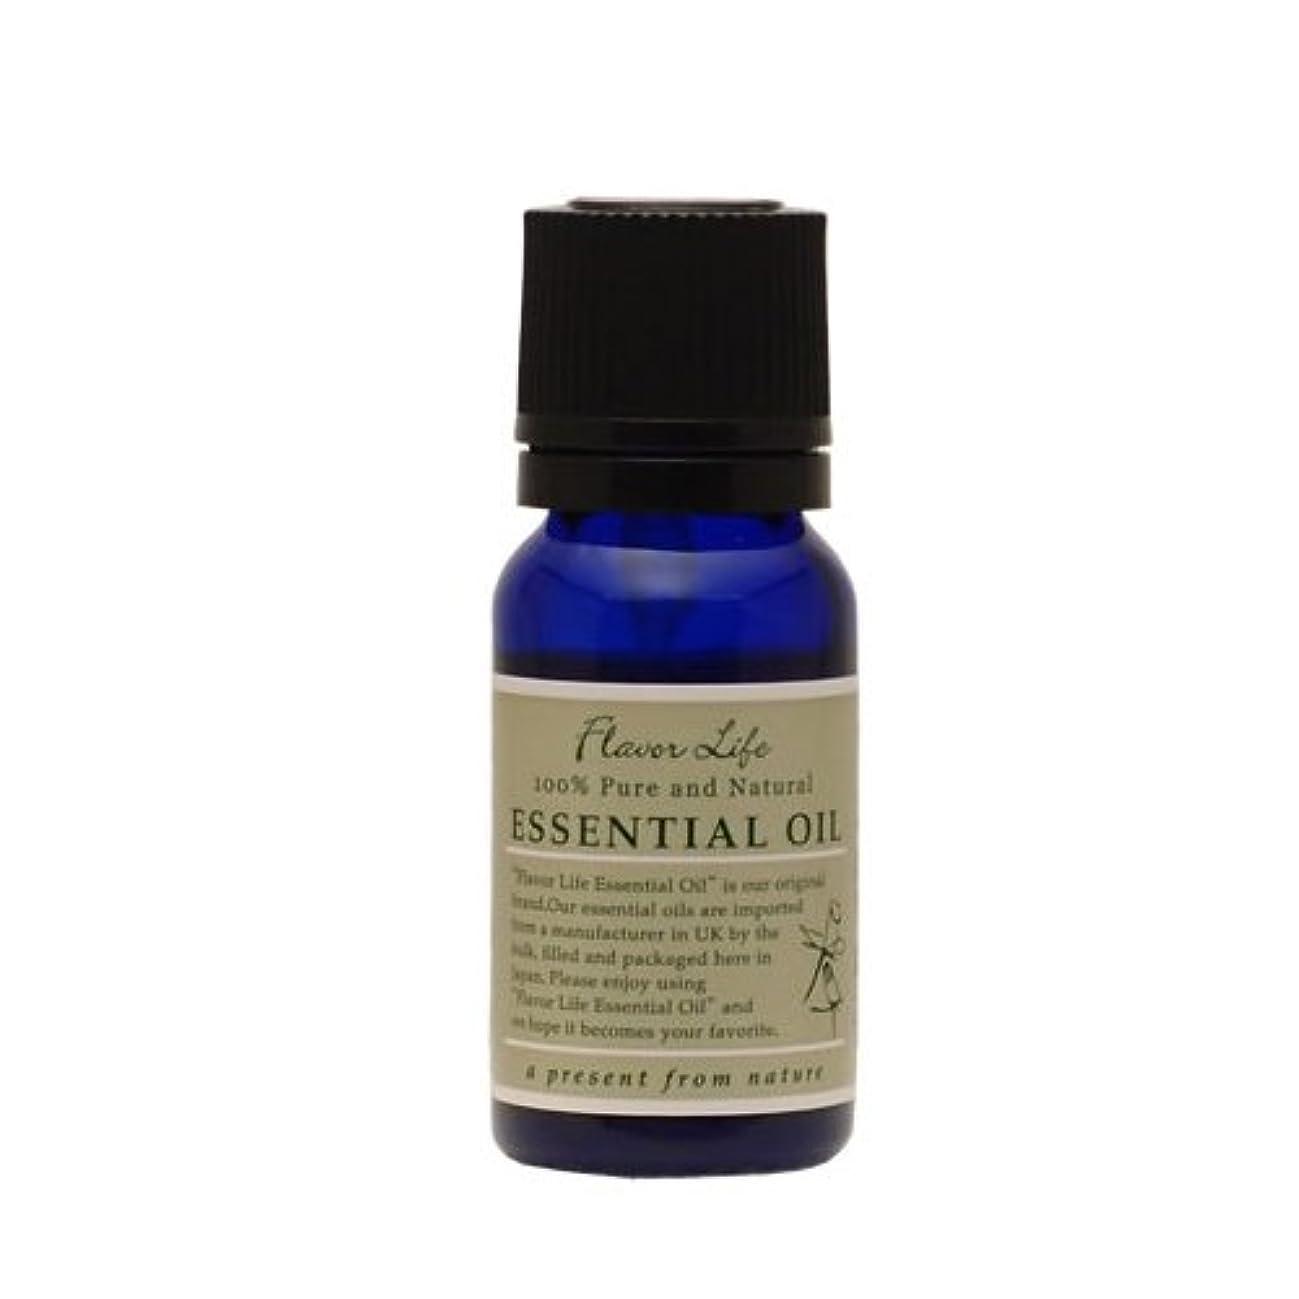 流用するキャスト香水フレーバーライフ 精油 シトロネラ 10ml